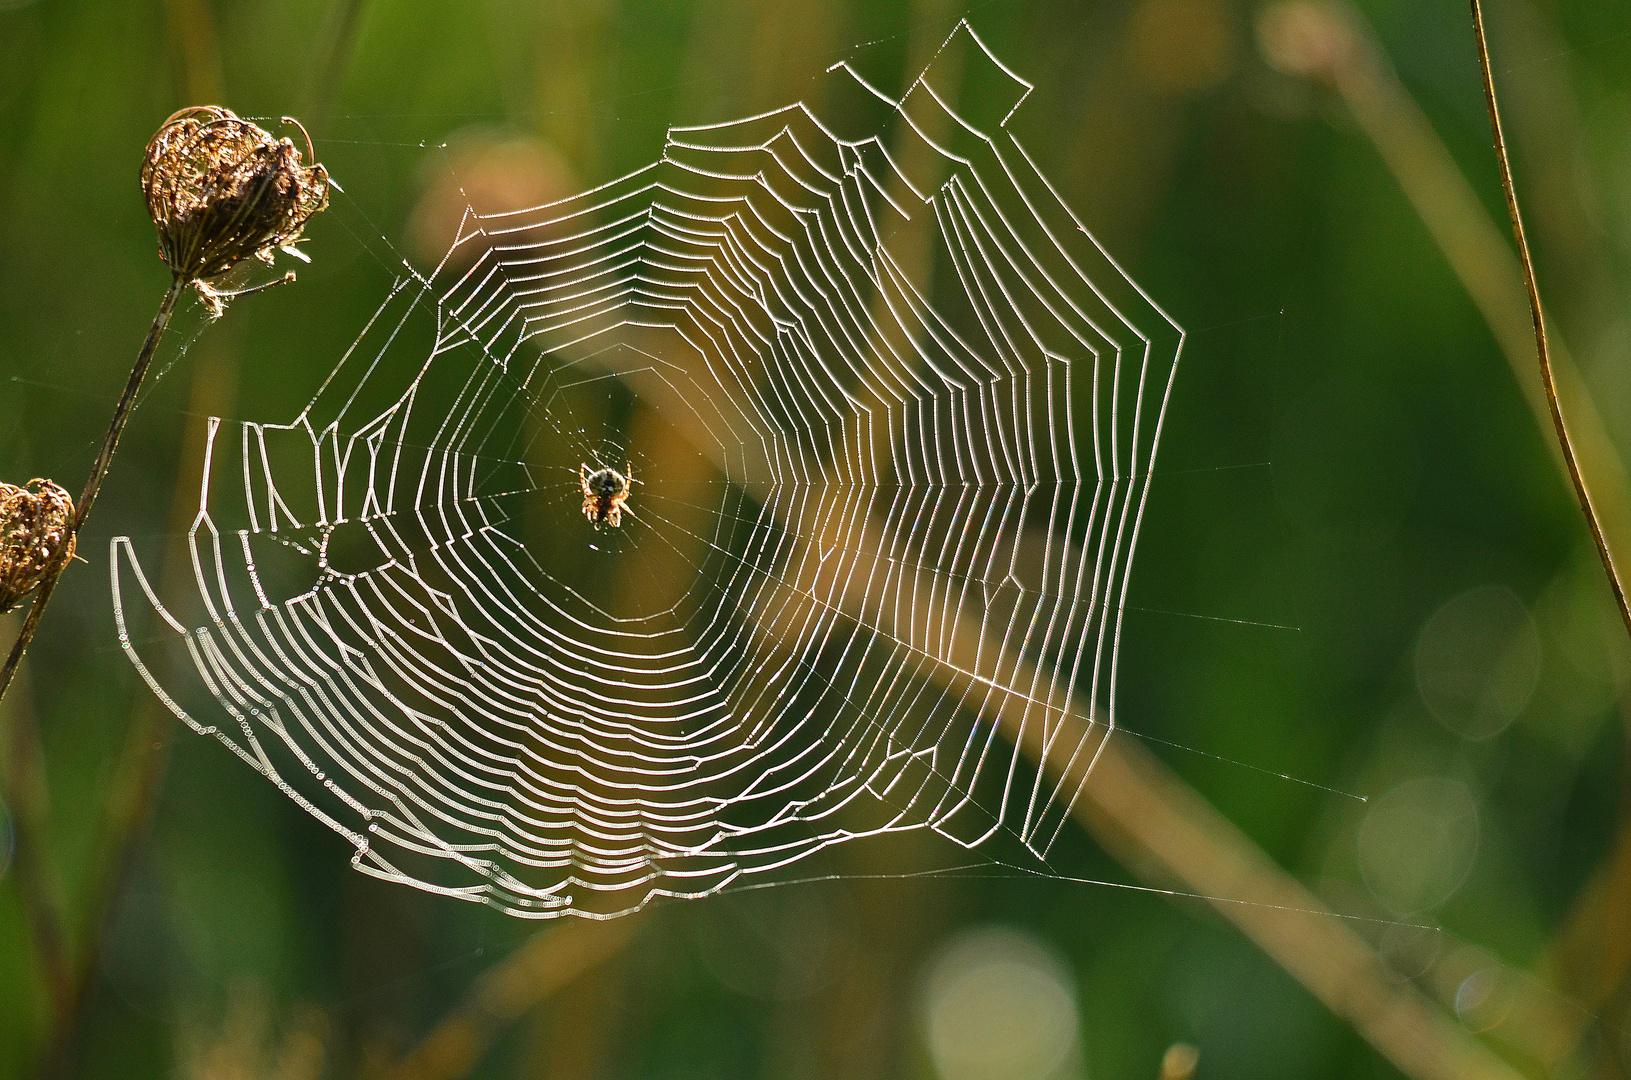 Die Garten-Kreuzspinne in ihrem Netz